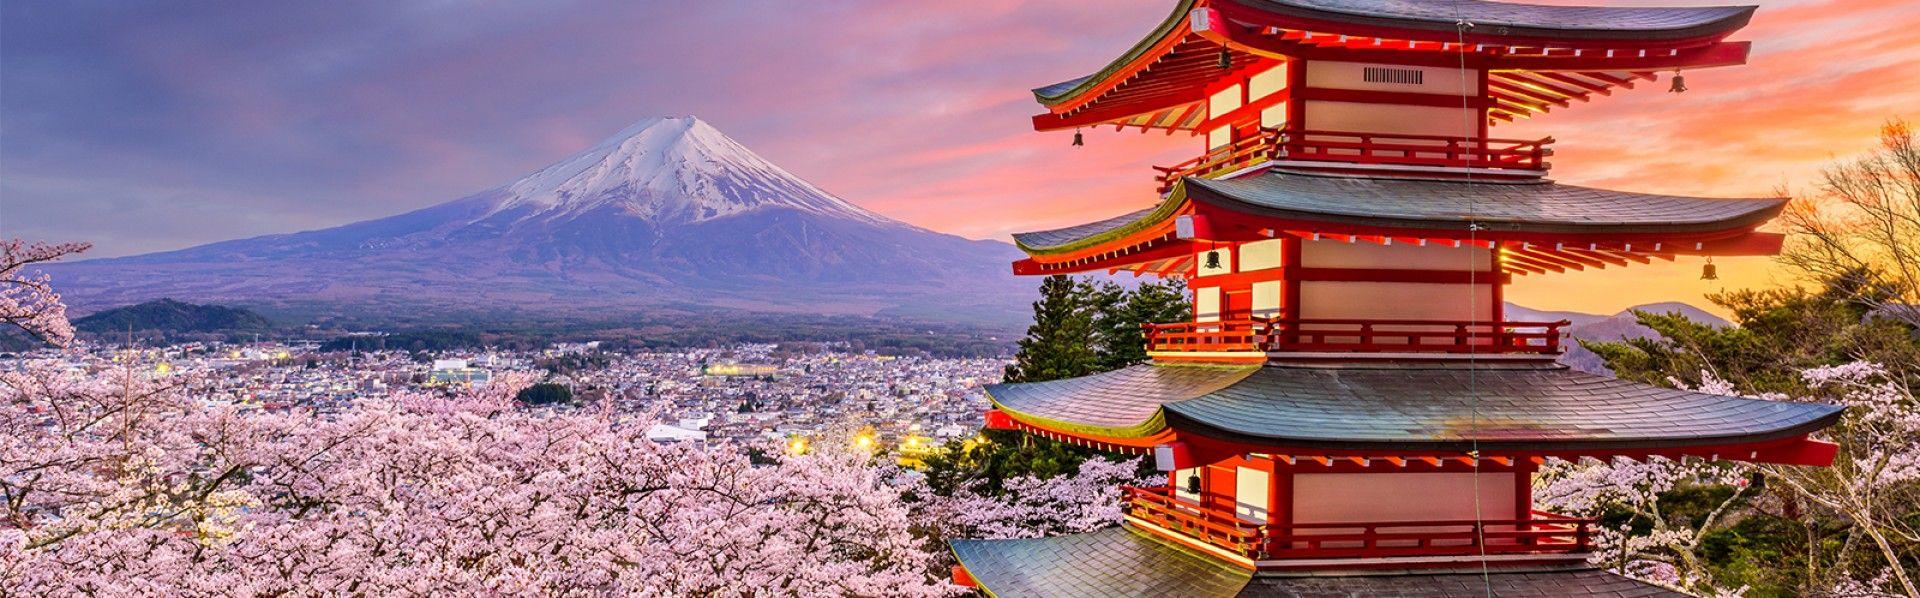 Bonne Année 2020 en Japonais